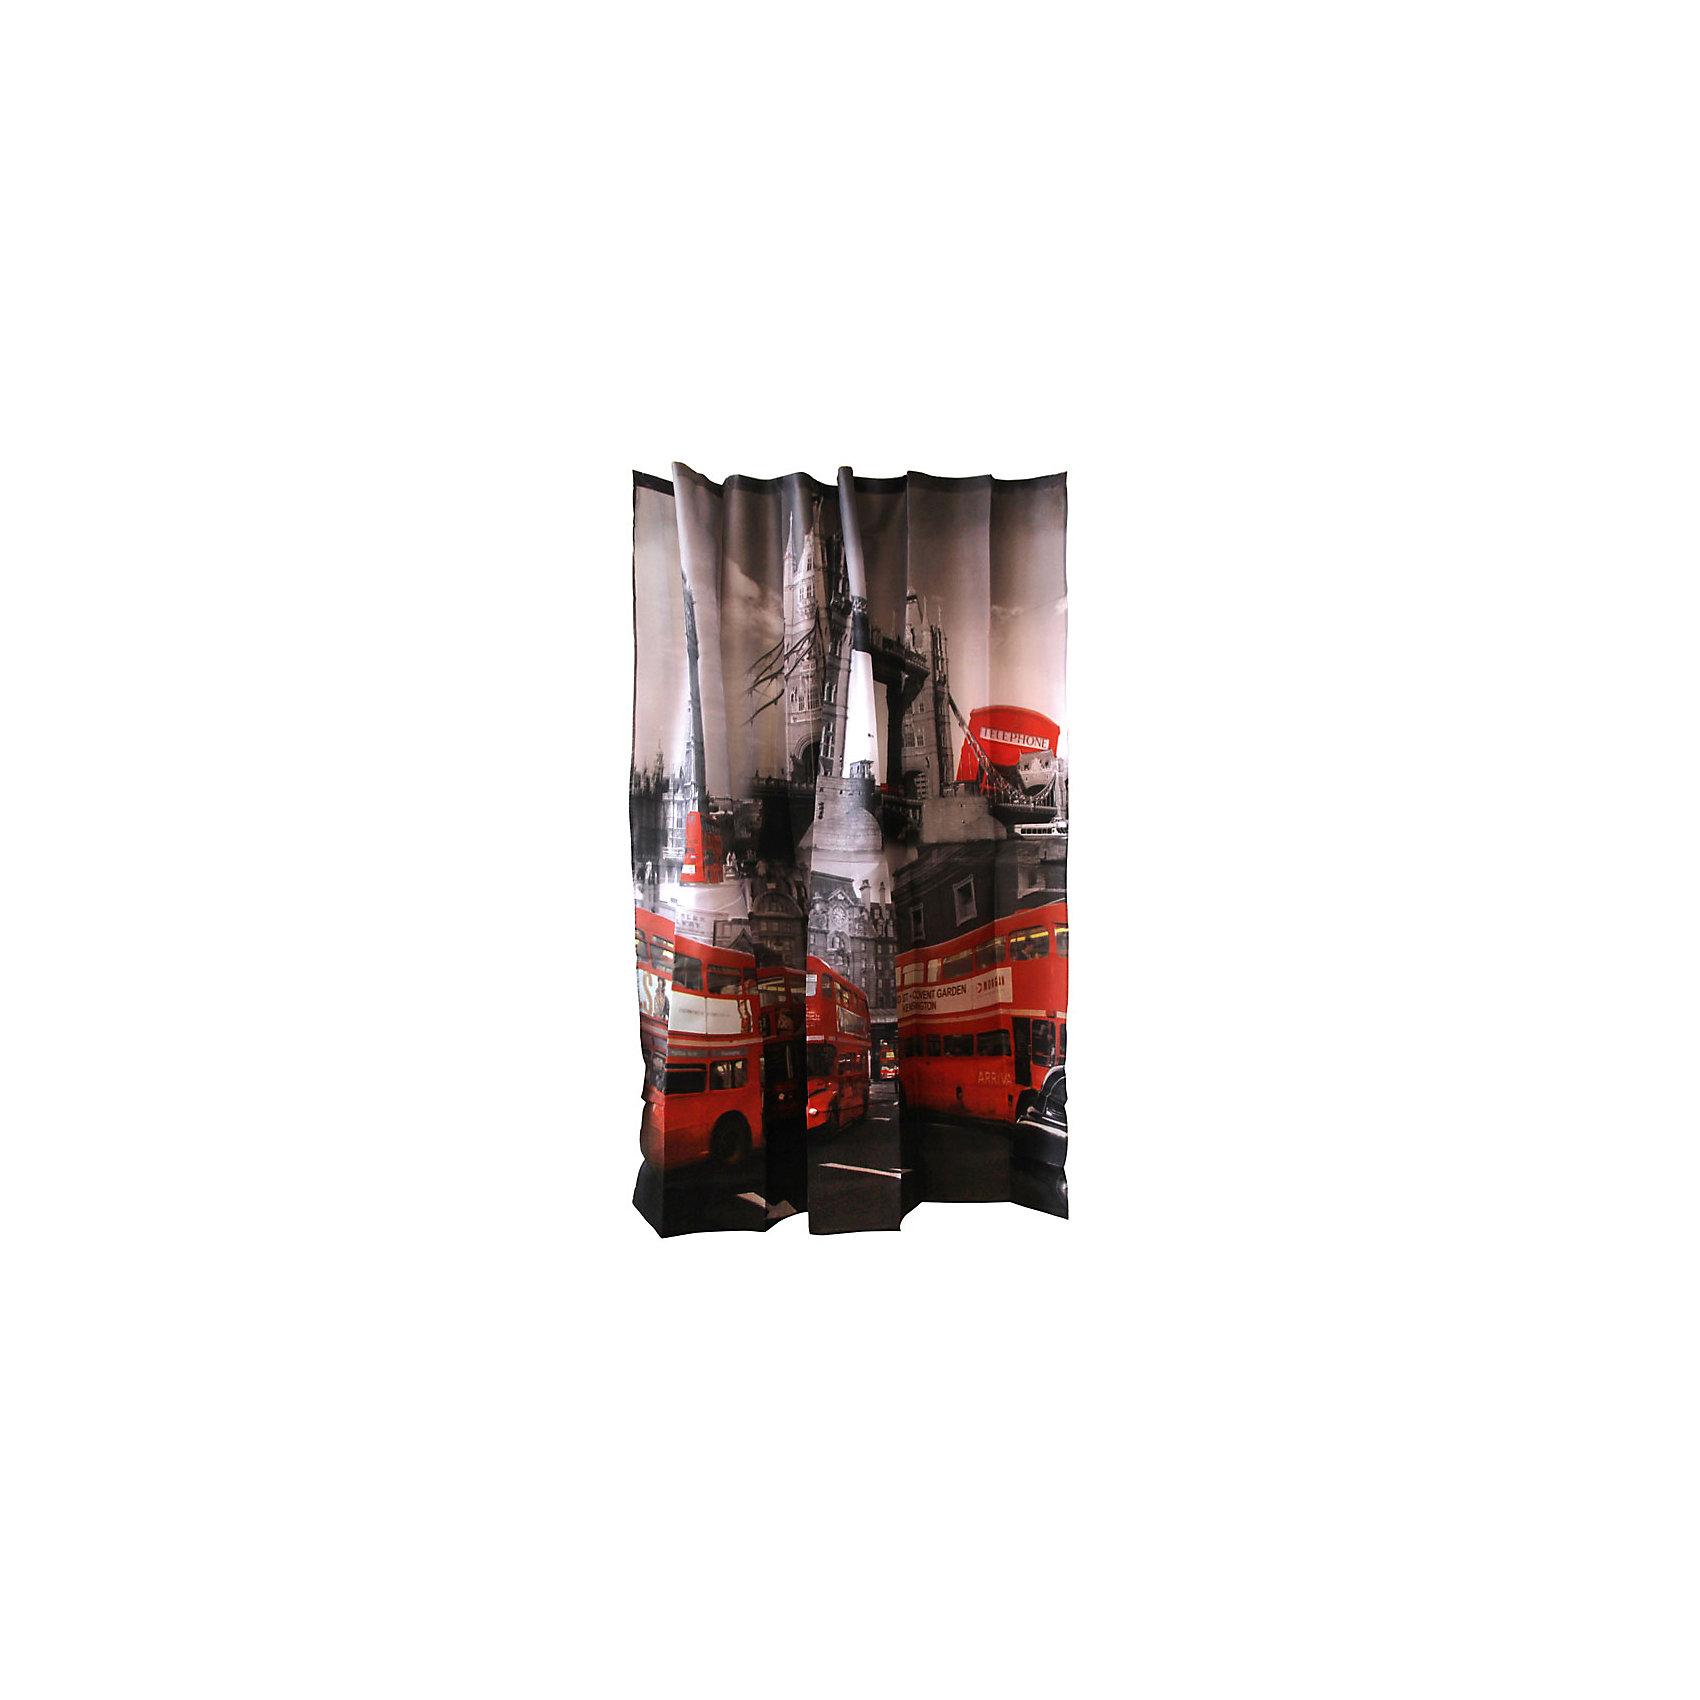 Занавеска для ванной Curtain-Bus Лондонский автобус, 180*180см, Рыжий КотШторы для ванны<br>Занавеска для ванной защищает от разбрызгивания пол, стены и зеркала в ванной комнате. Занавеска с печатным рисунком подвешивается на пластиковые кольца, которые входят в комплект набора «Рыжий кот» в количестве 12 штук. <br><br>Дополнительная информация:<br><br>Размер: 180х180 см<br>Материал: 100% полиэстер с водоотталкивающим покрытием<br>Упаковка: ПВХ пакет с крючком<br><br>Занавеску для ванной Curtain-Bus Лондонский автобус, 180*180см, Рыжий Кот можно купить в нашем интернет-магазине.<br><br>Ширина мм: 1795<br>Глубина мм: 1775<br>Высота мм: 30<br>Вес г: 410<br>Возраст от месяцев: 36<br>Возраст до месяцев: 1080<br>Пол: Унисекс<br>Возраст: Детский<br>SKU: 4989829